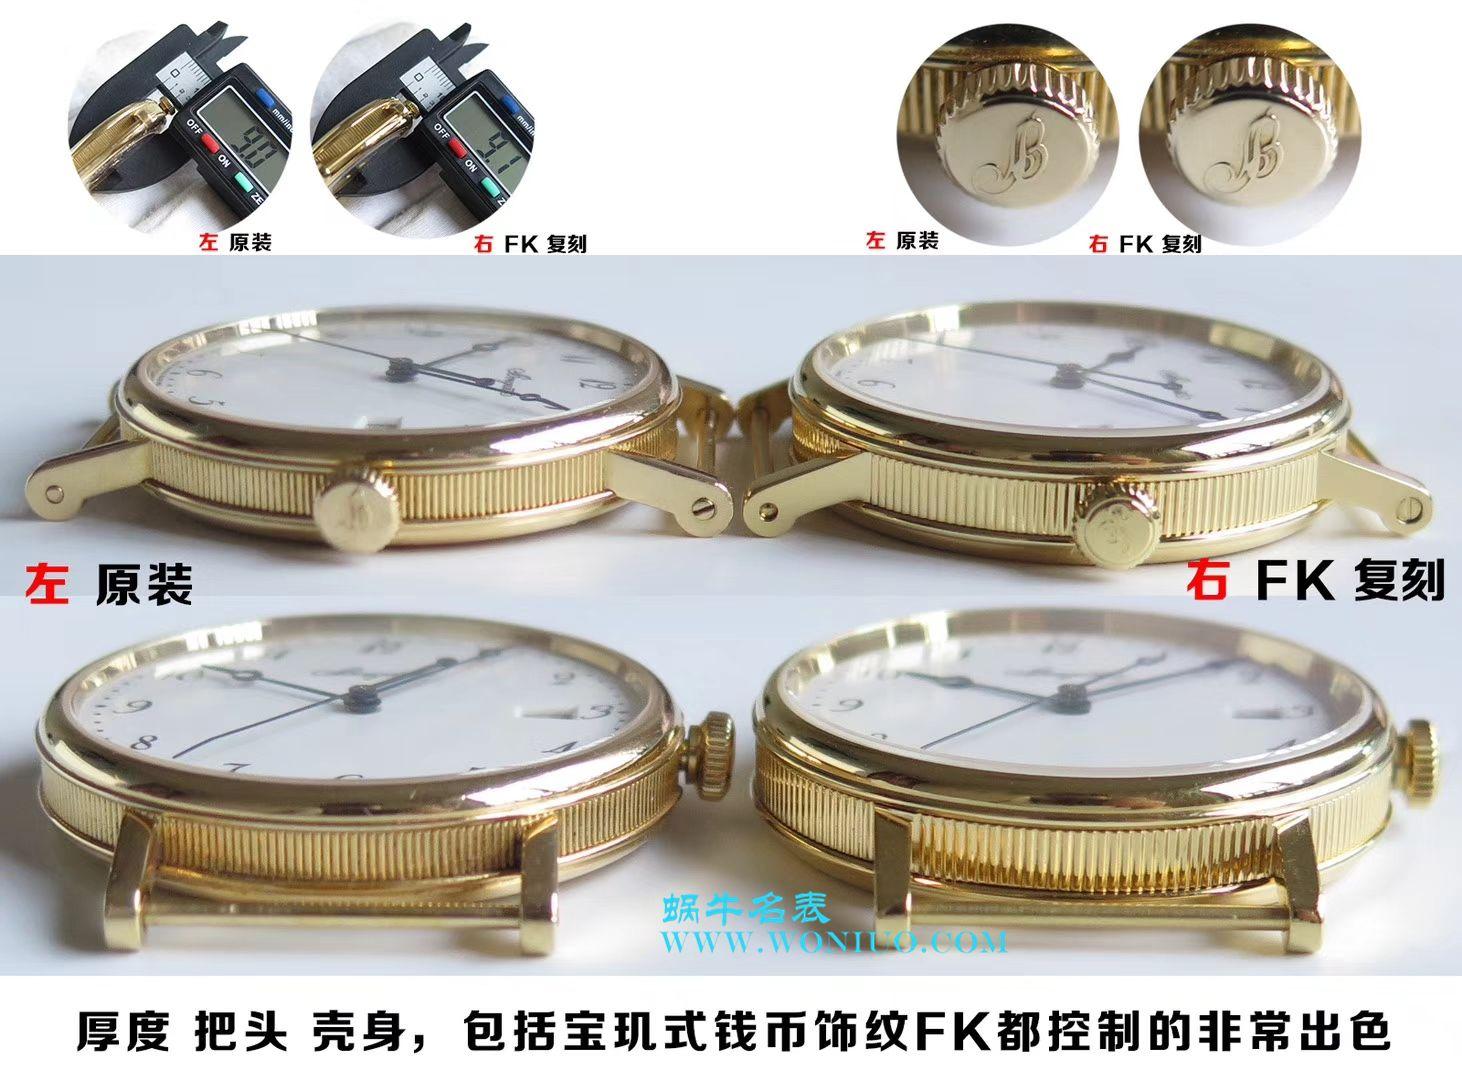 【FK厂顶级复刻手表】宝玑经典系列5177BA/29/9V6腕表 / BZ024